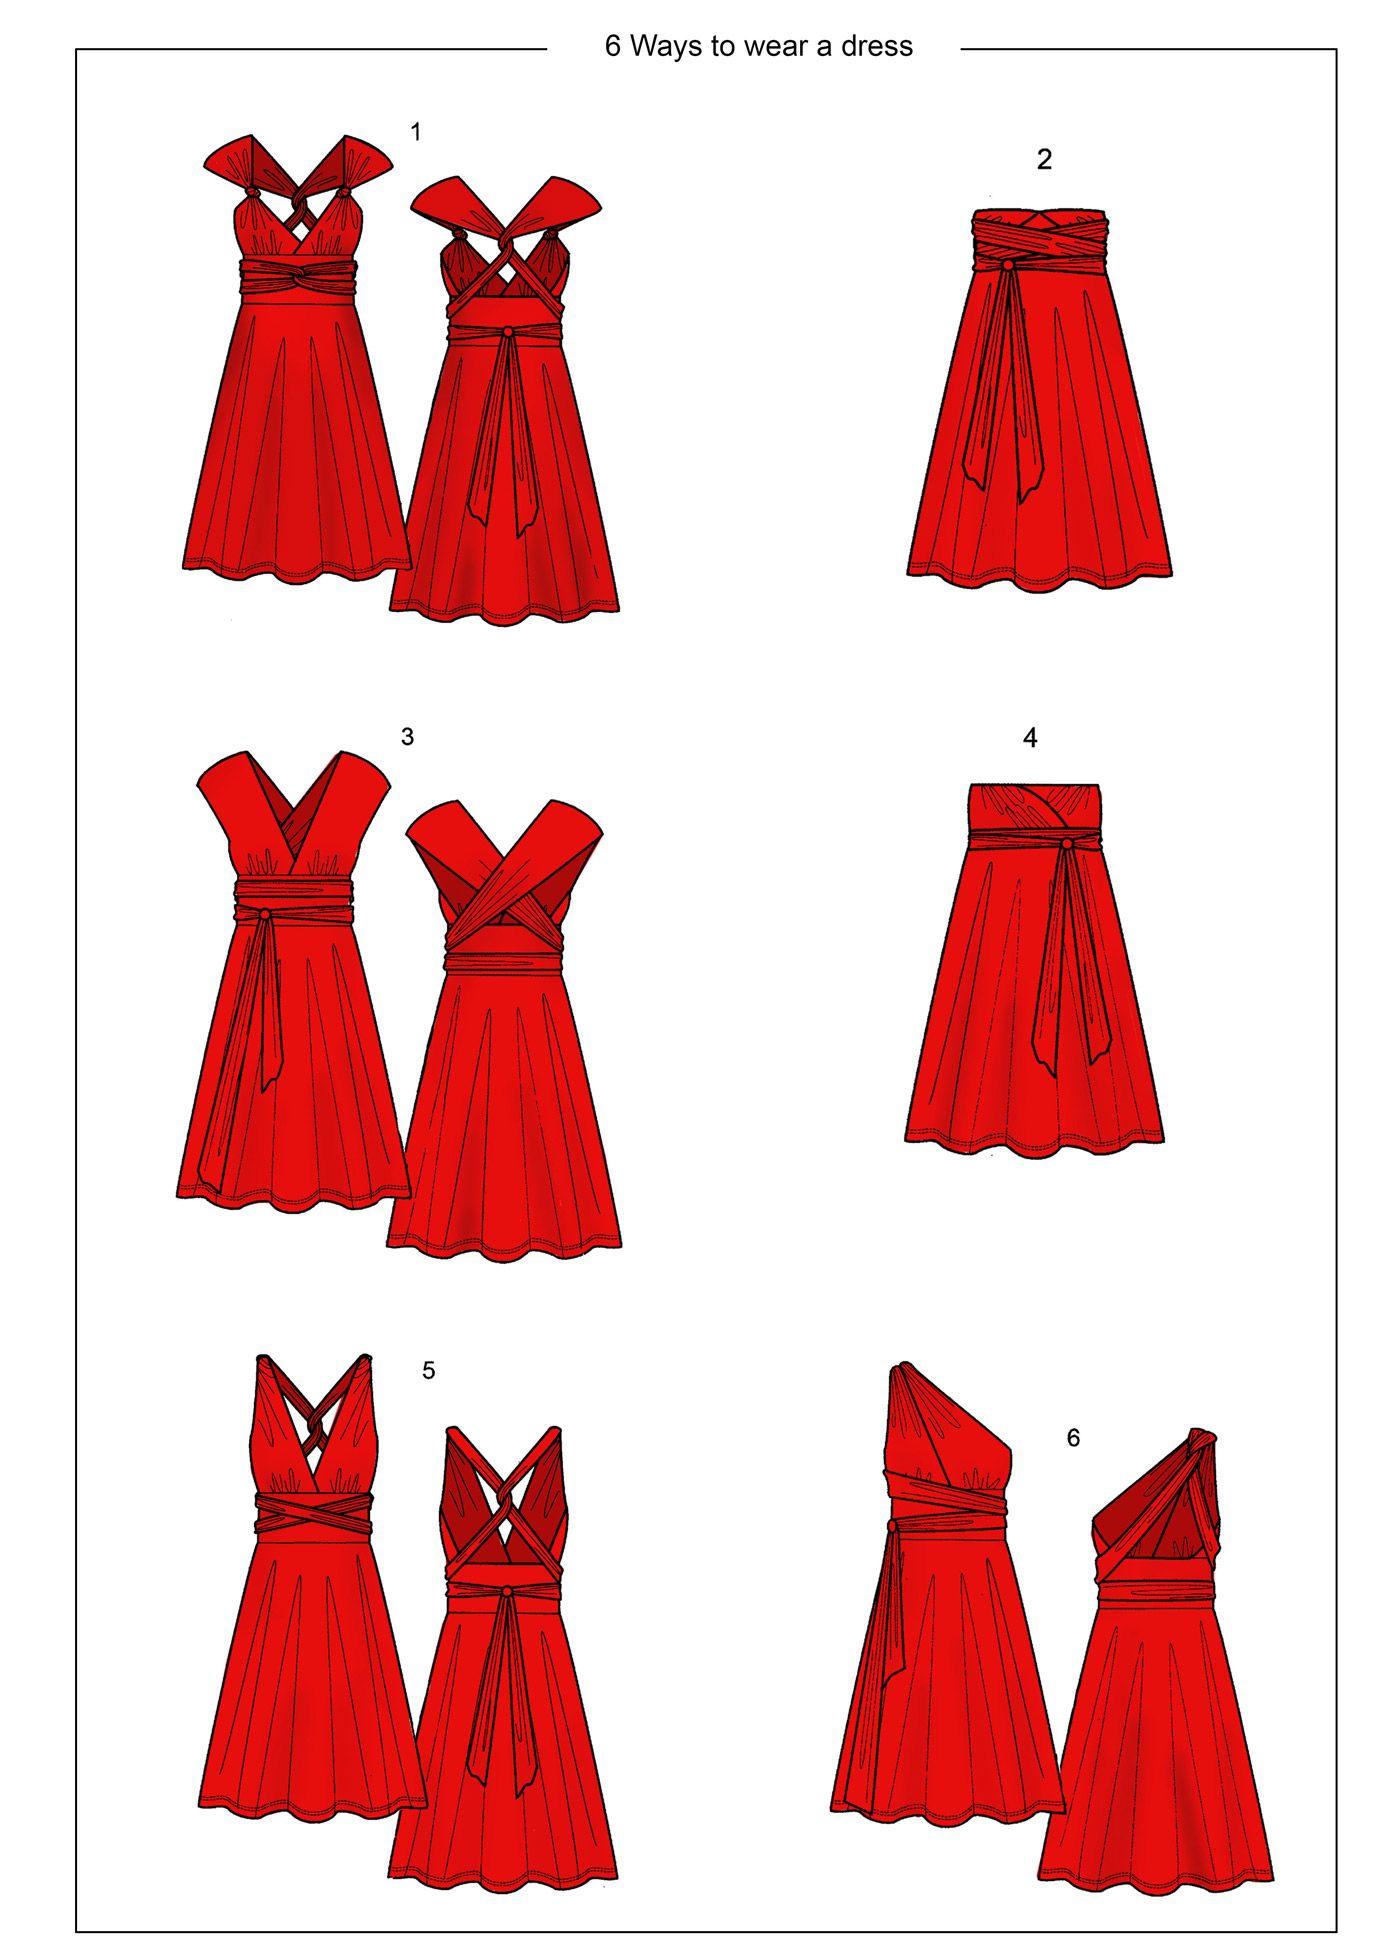 Bodenlanges Kleid mit verschiedenen Tragemöglichkeiten | Bodenlanges ...